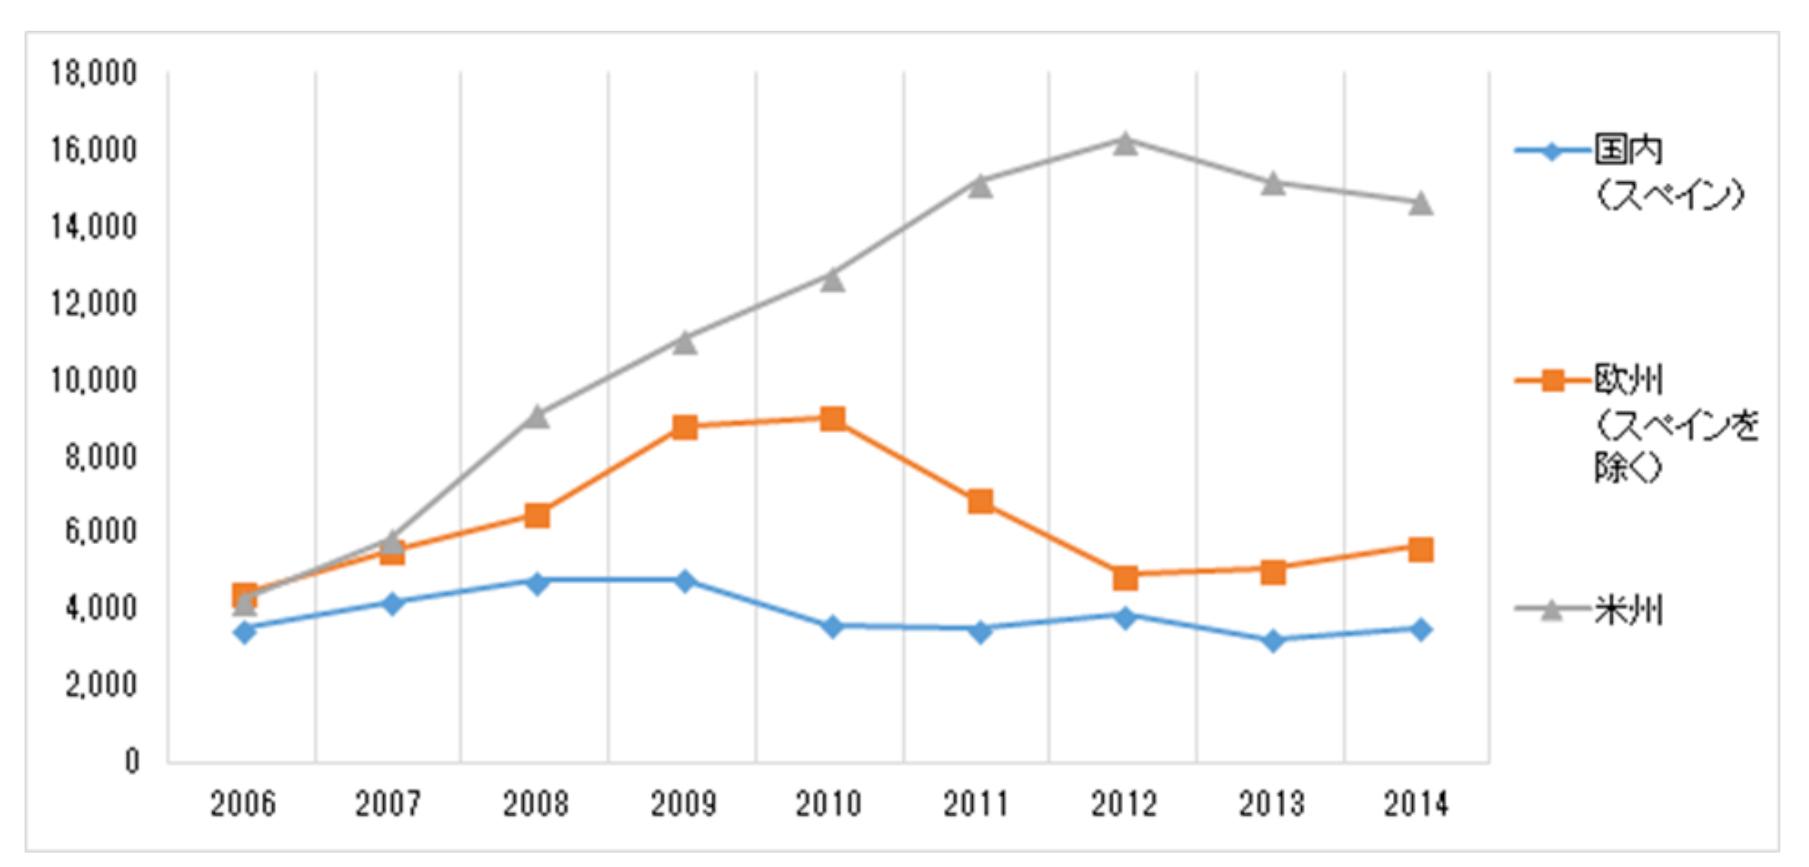 図13 バンコ・サンタンデールの地域別収益(単位:100万ユーロ)